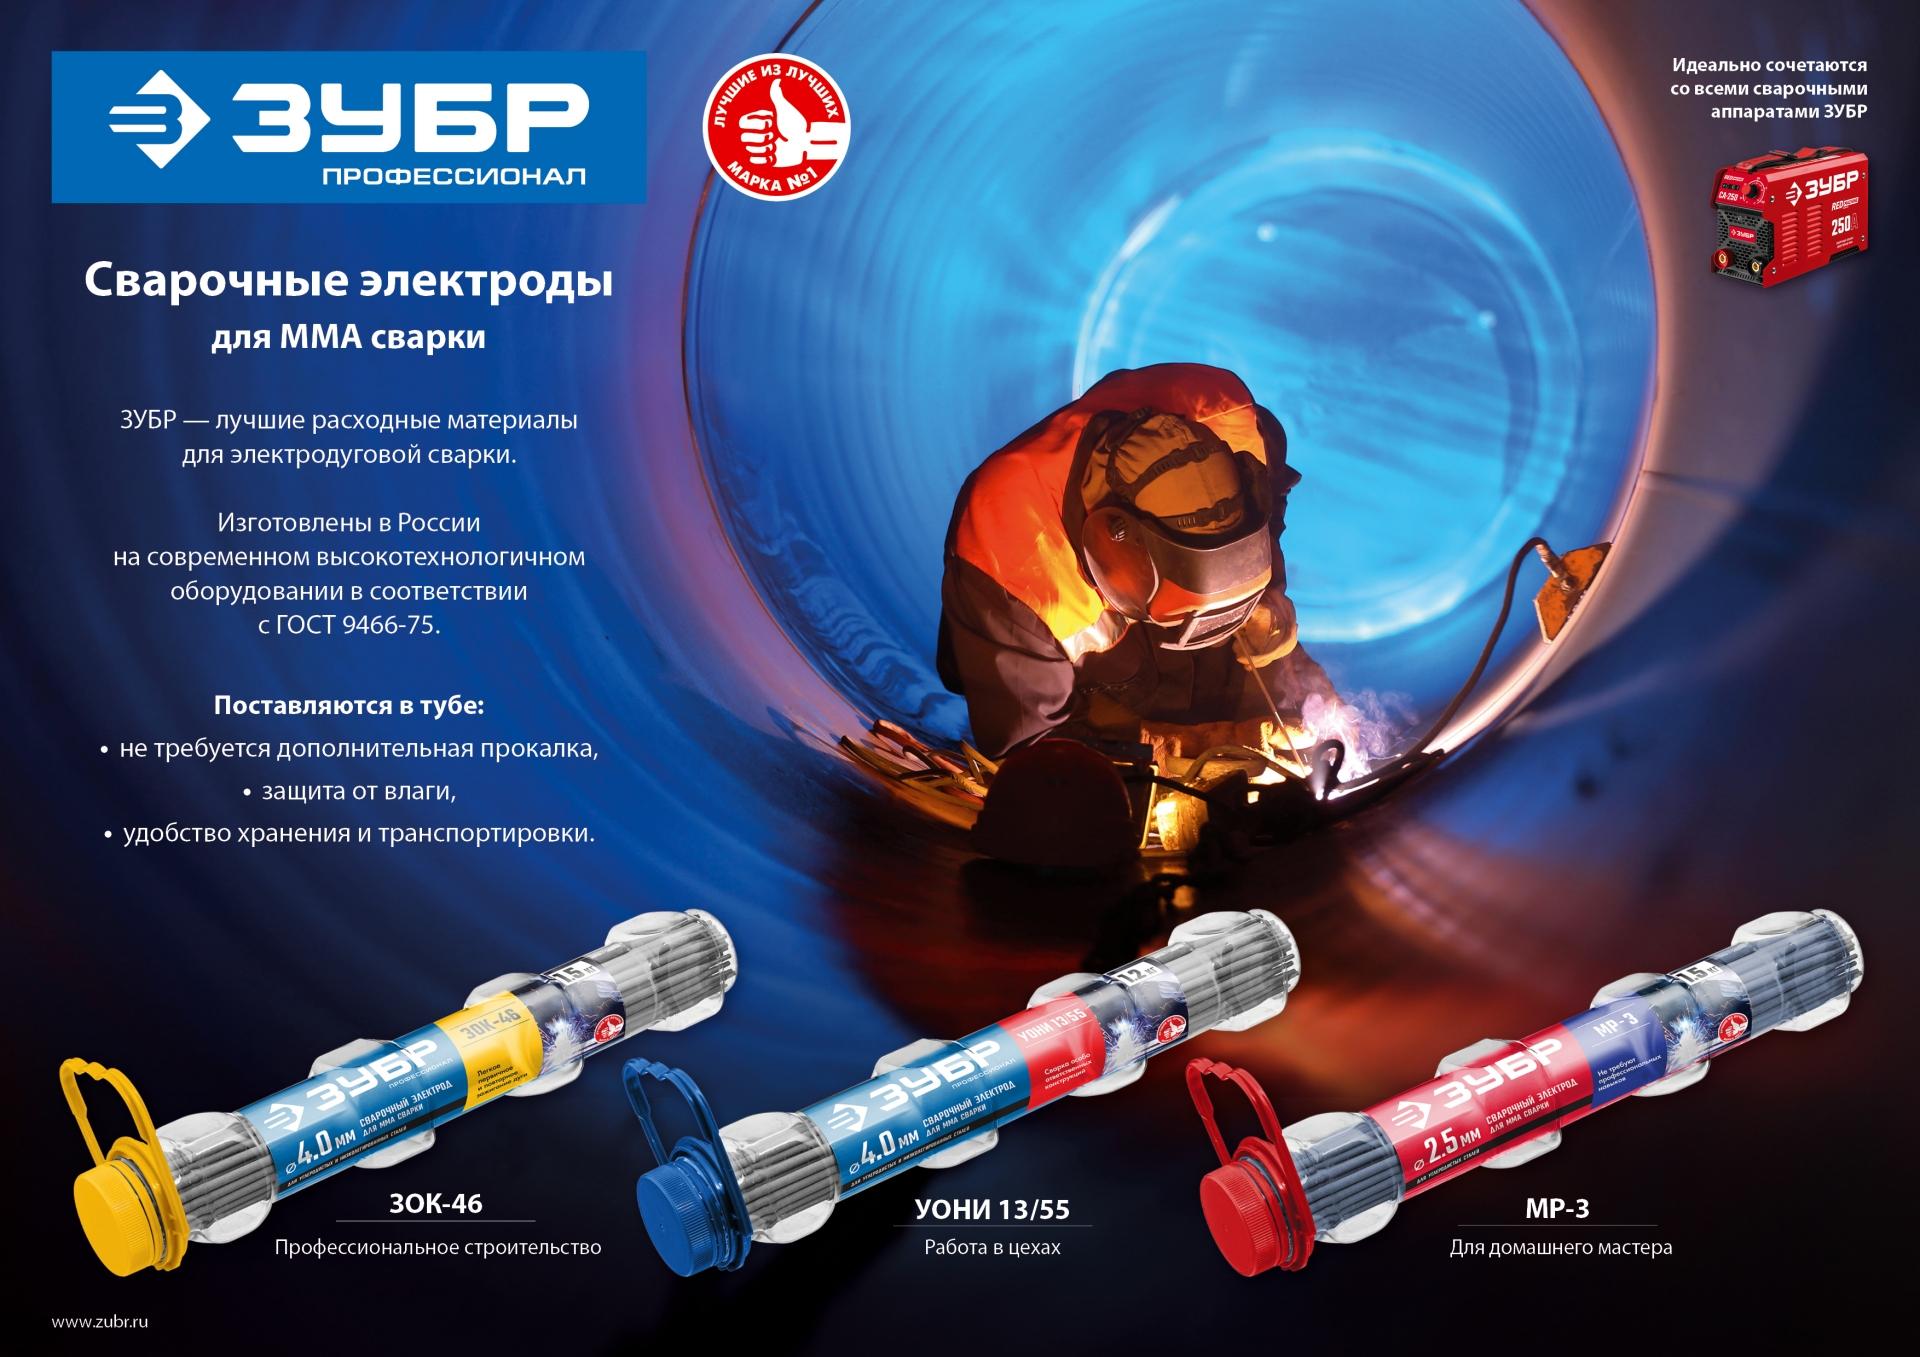 ЗУБР электрод сварочный ЗОК-46 с рутил-целлюлозным покрытием, для ММА сварки, d 4.0 х 450 мм, 5 кг в коробке, Профессионал.